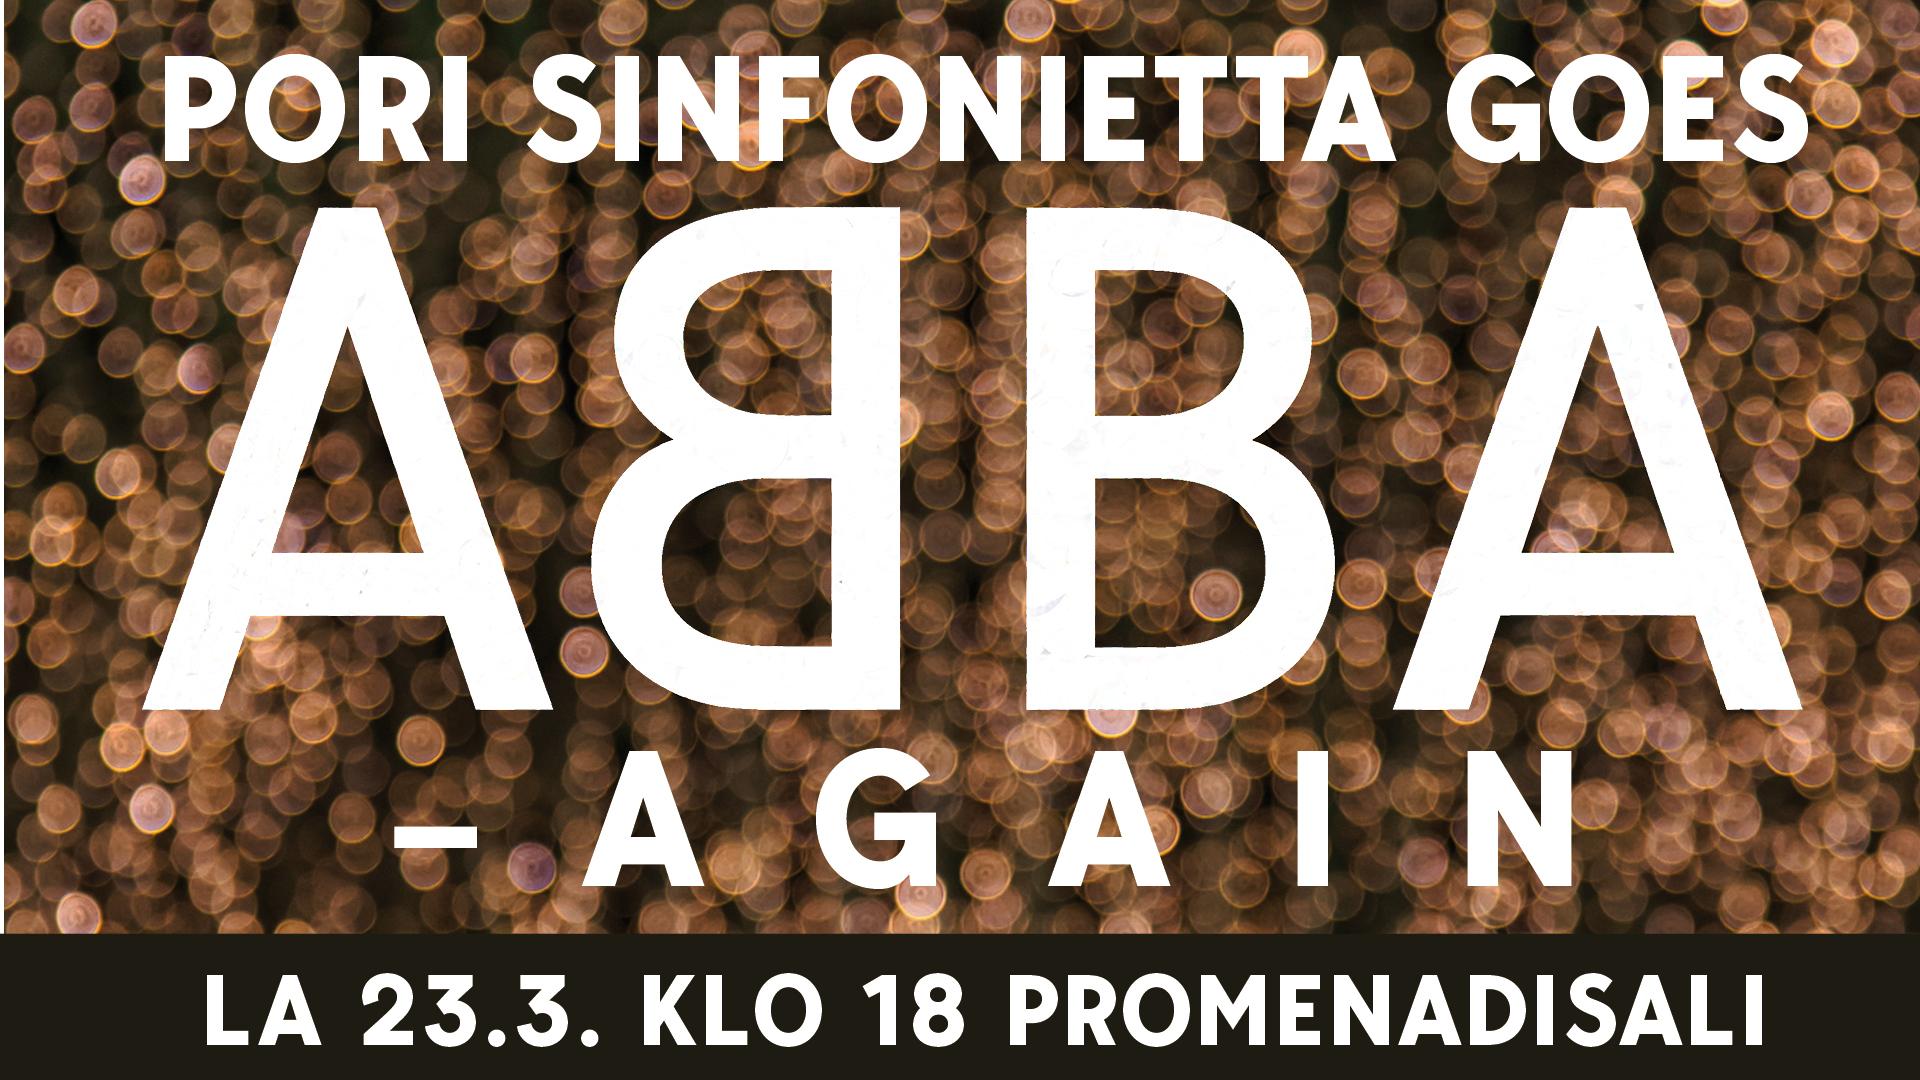 Pori Sinfonietta goes Abba – again